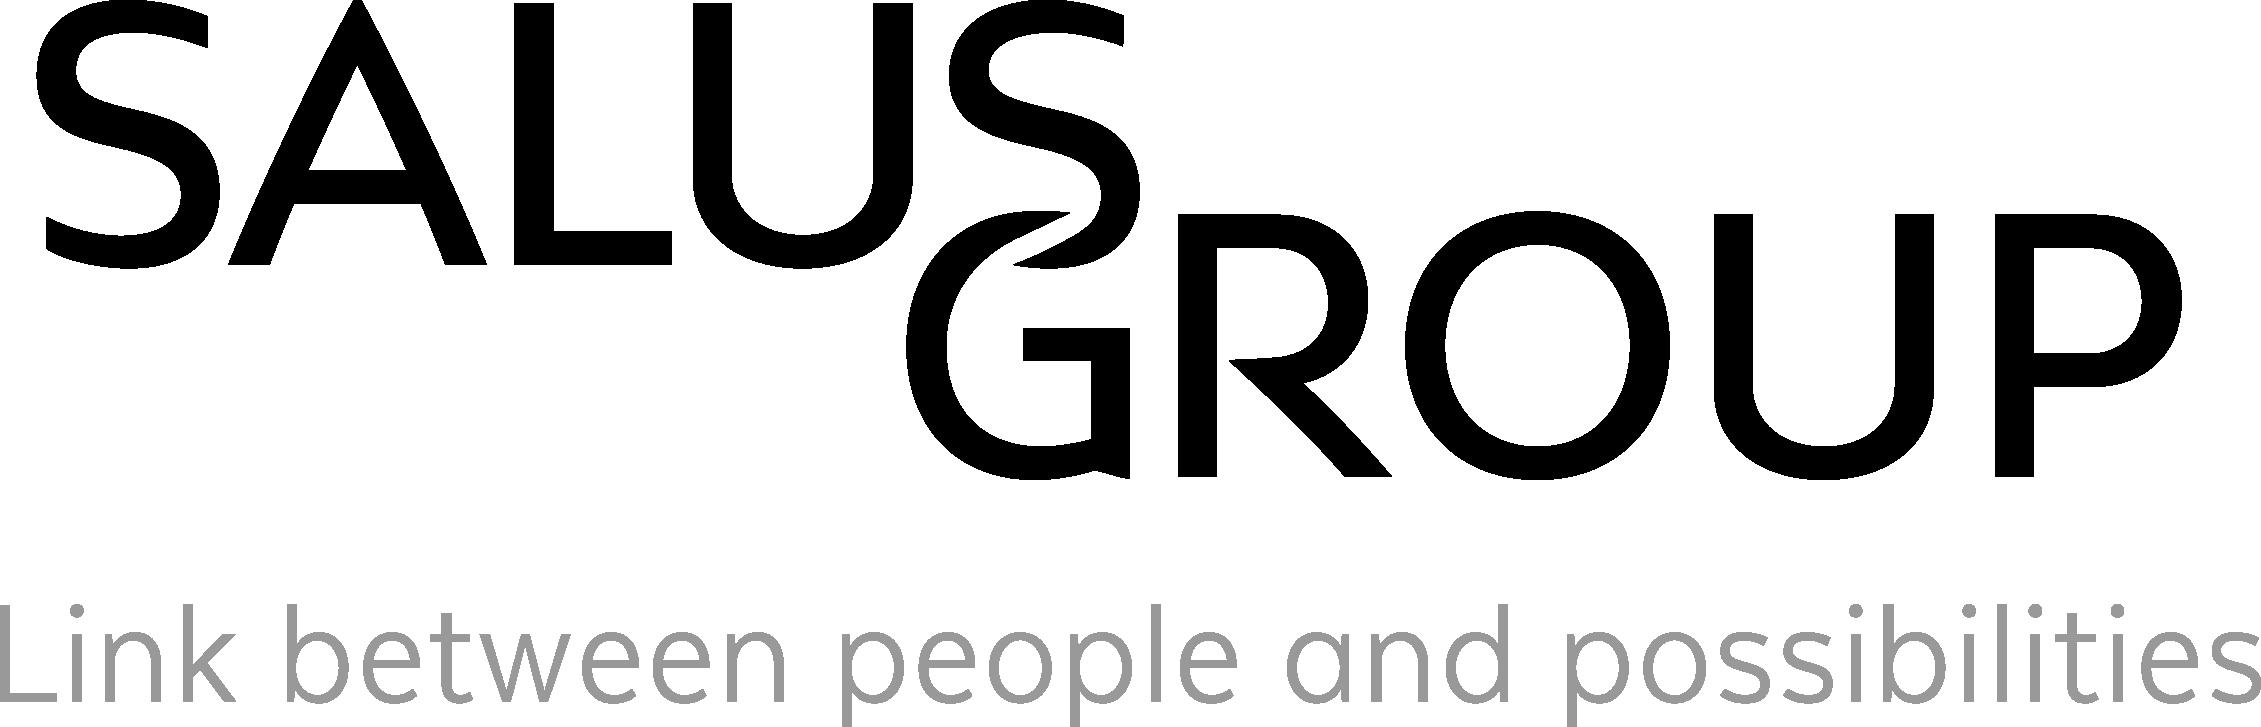 salusgroup_logo